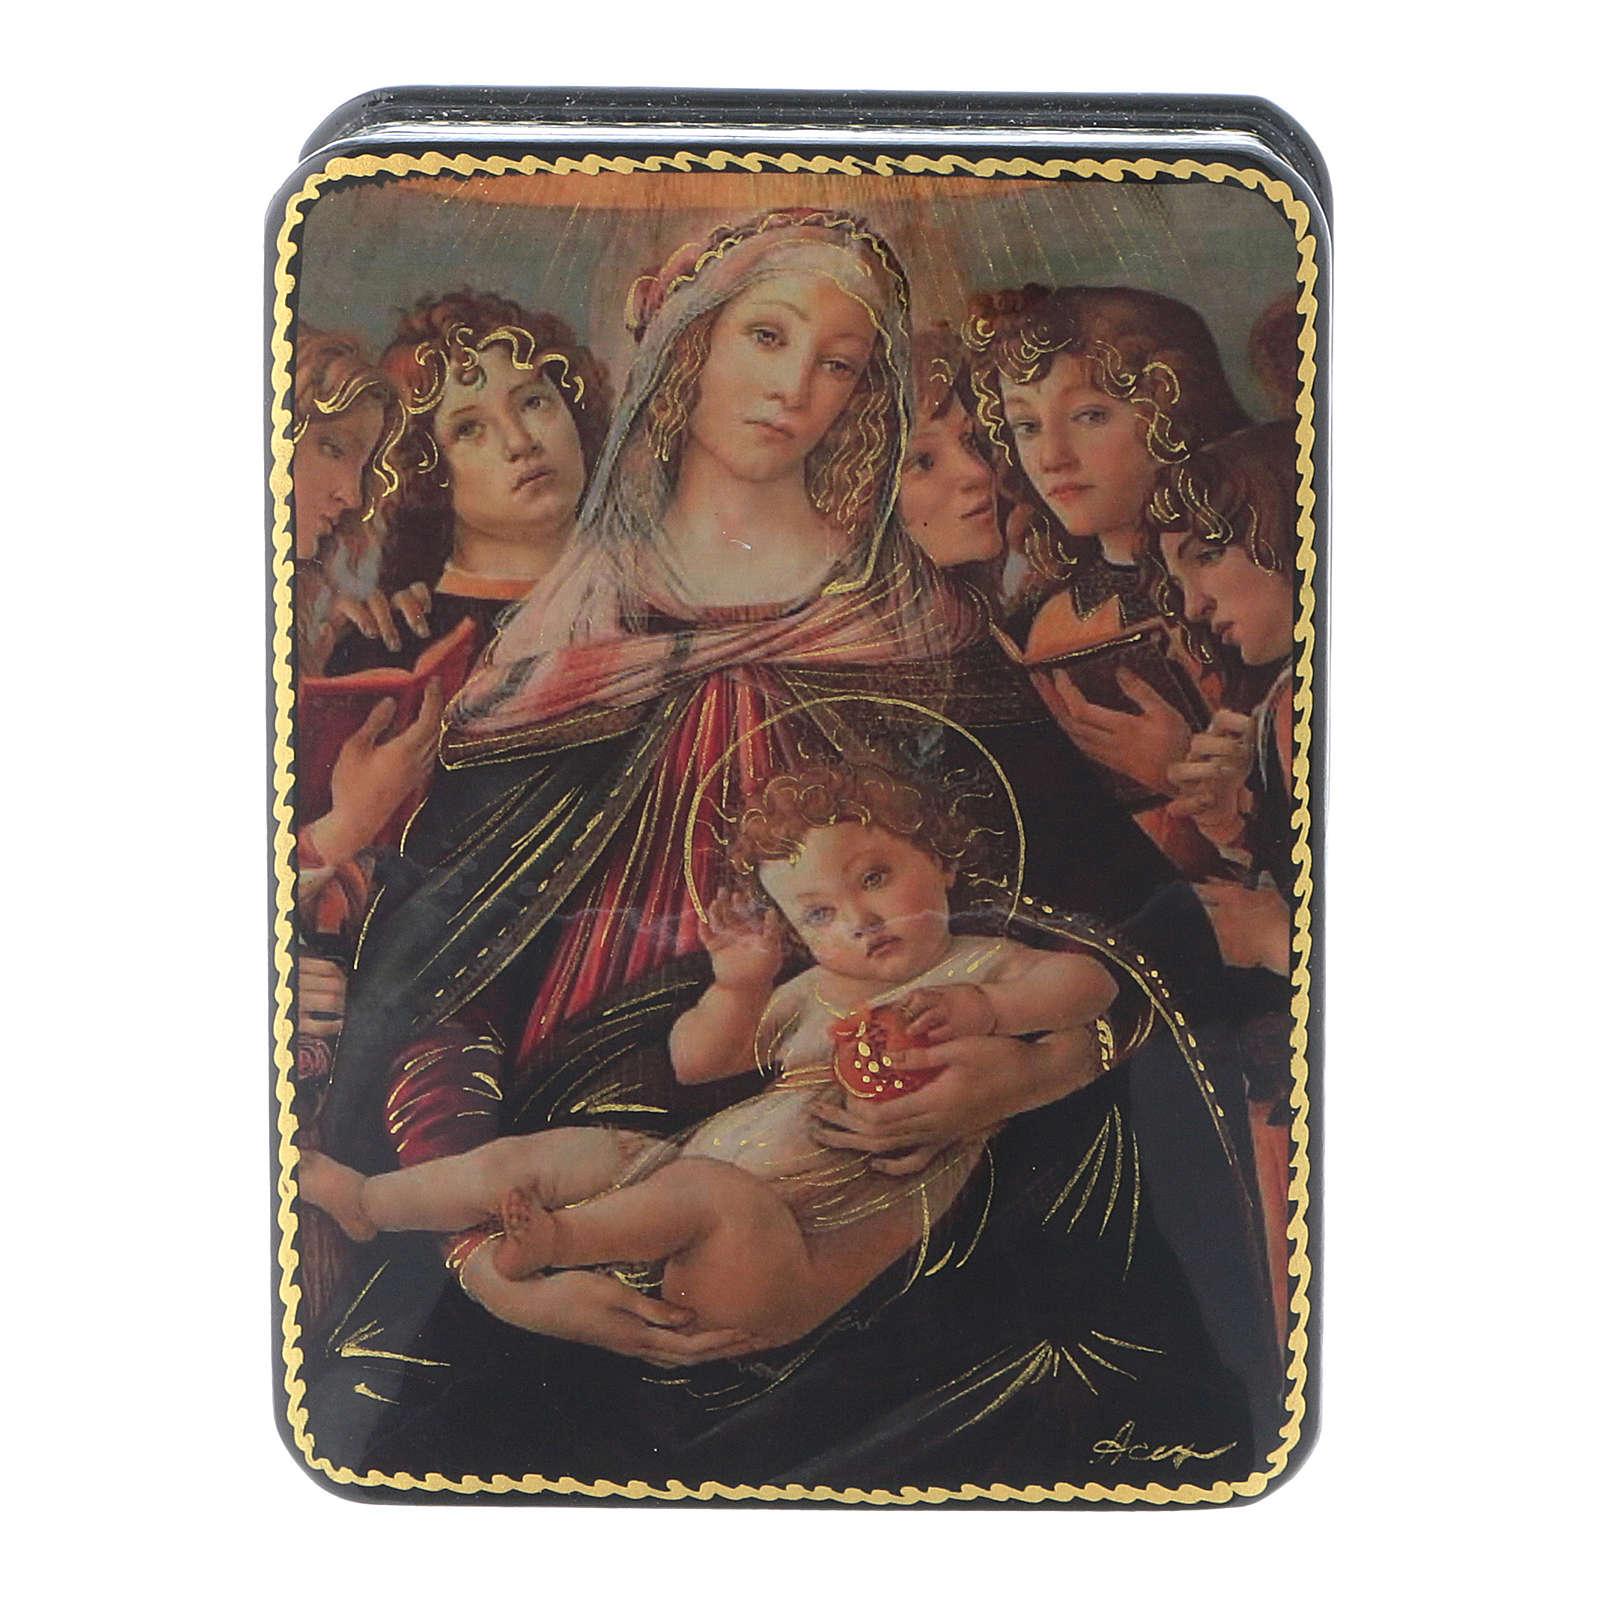 Lacca russa cartapesta Nascita Gesù Cristo Fedoskino style 11x8 4